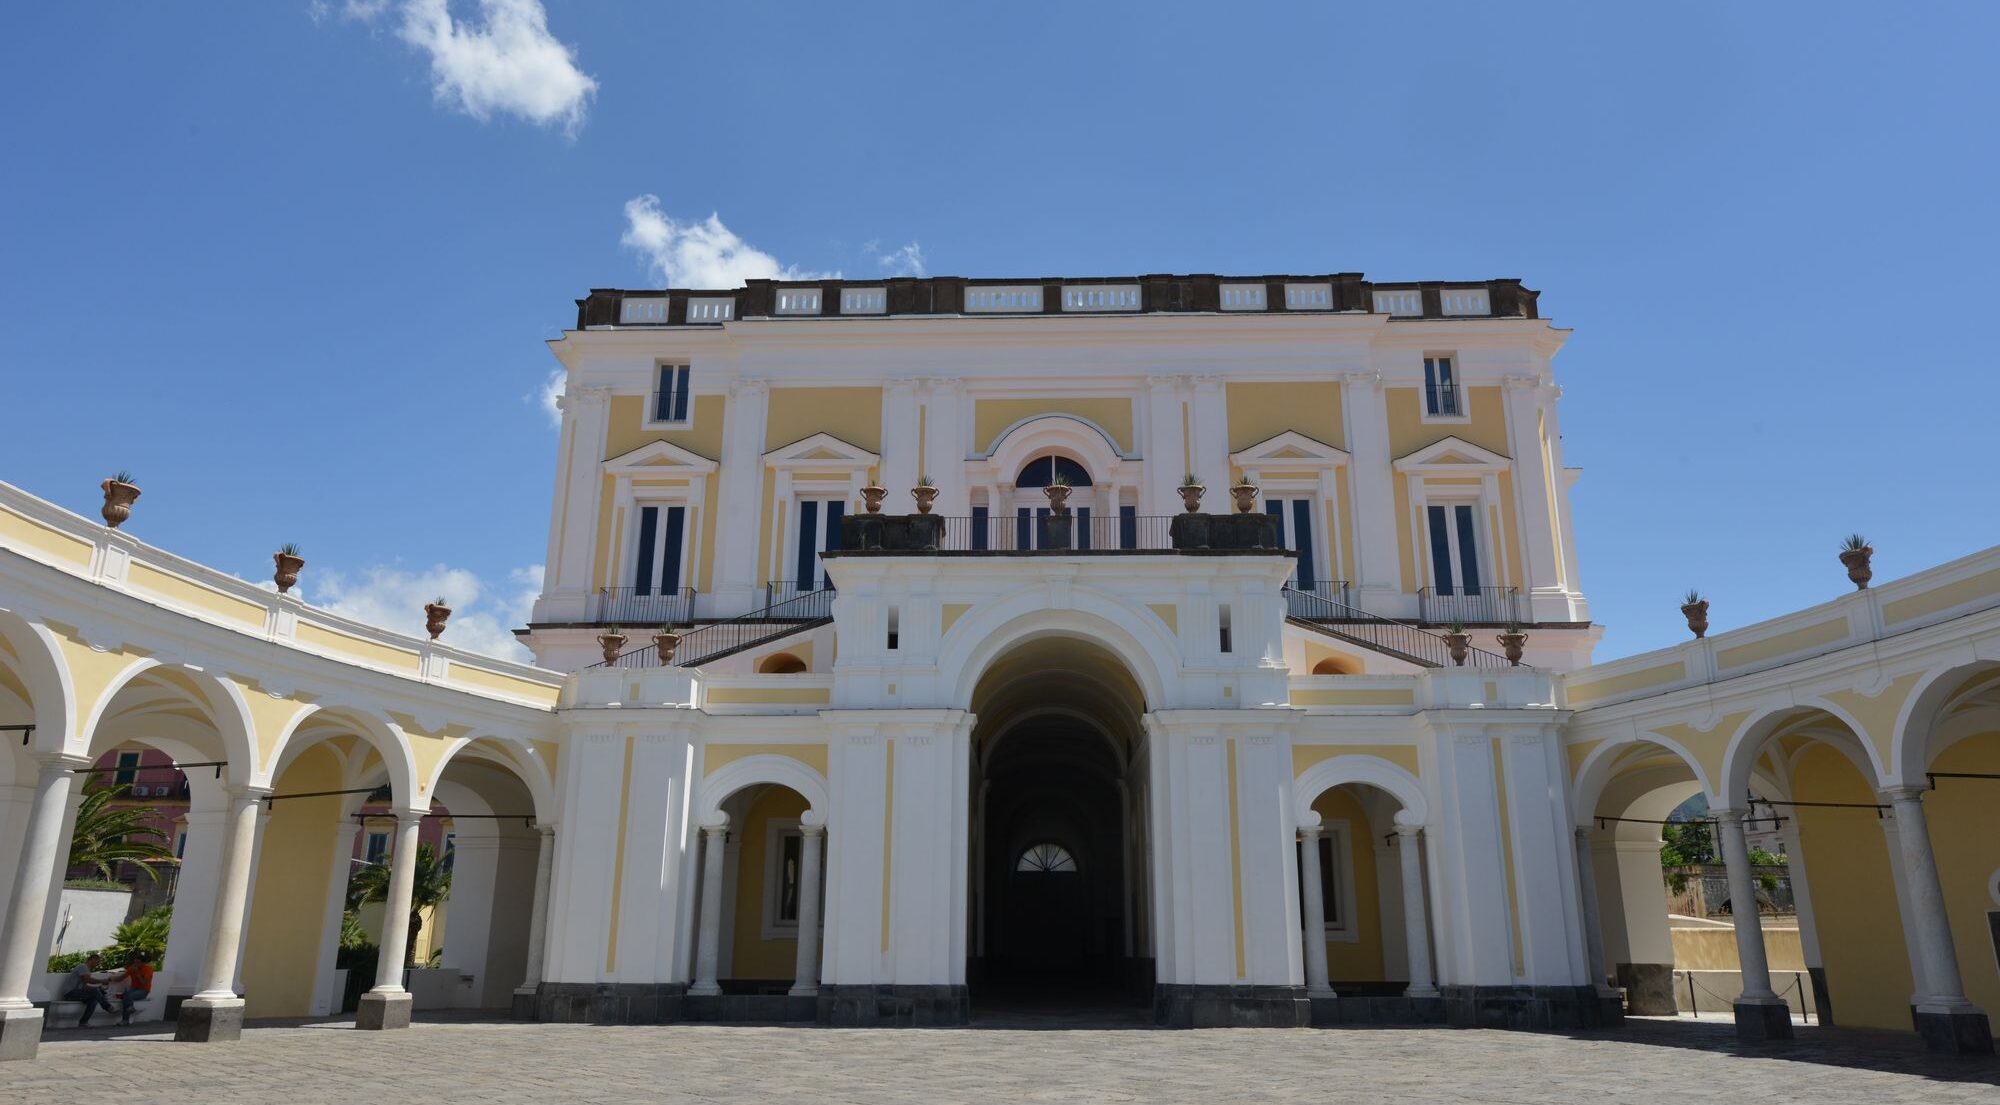 афиша фестиваля Vesuvian Villas в Геркулануме с театром и концертами